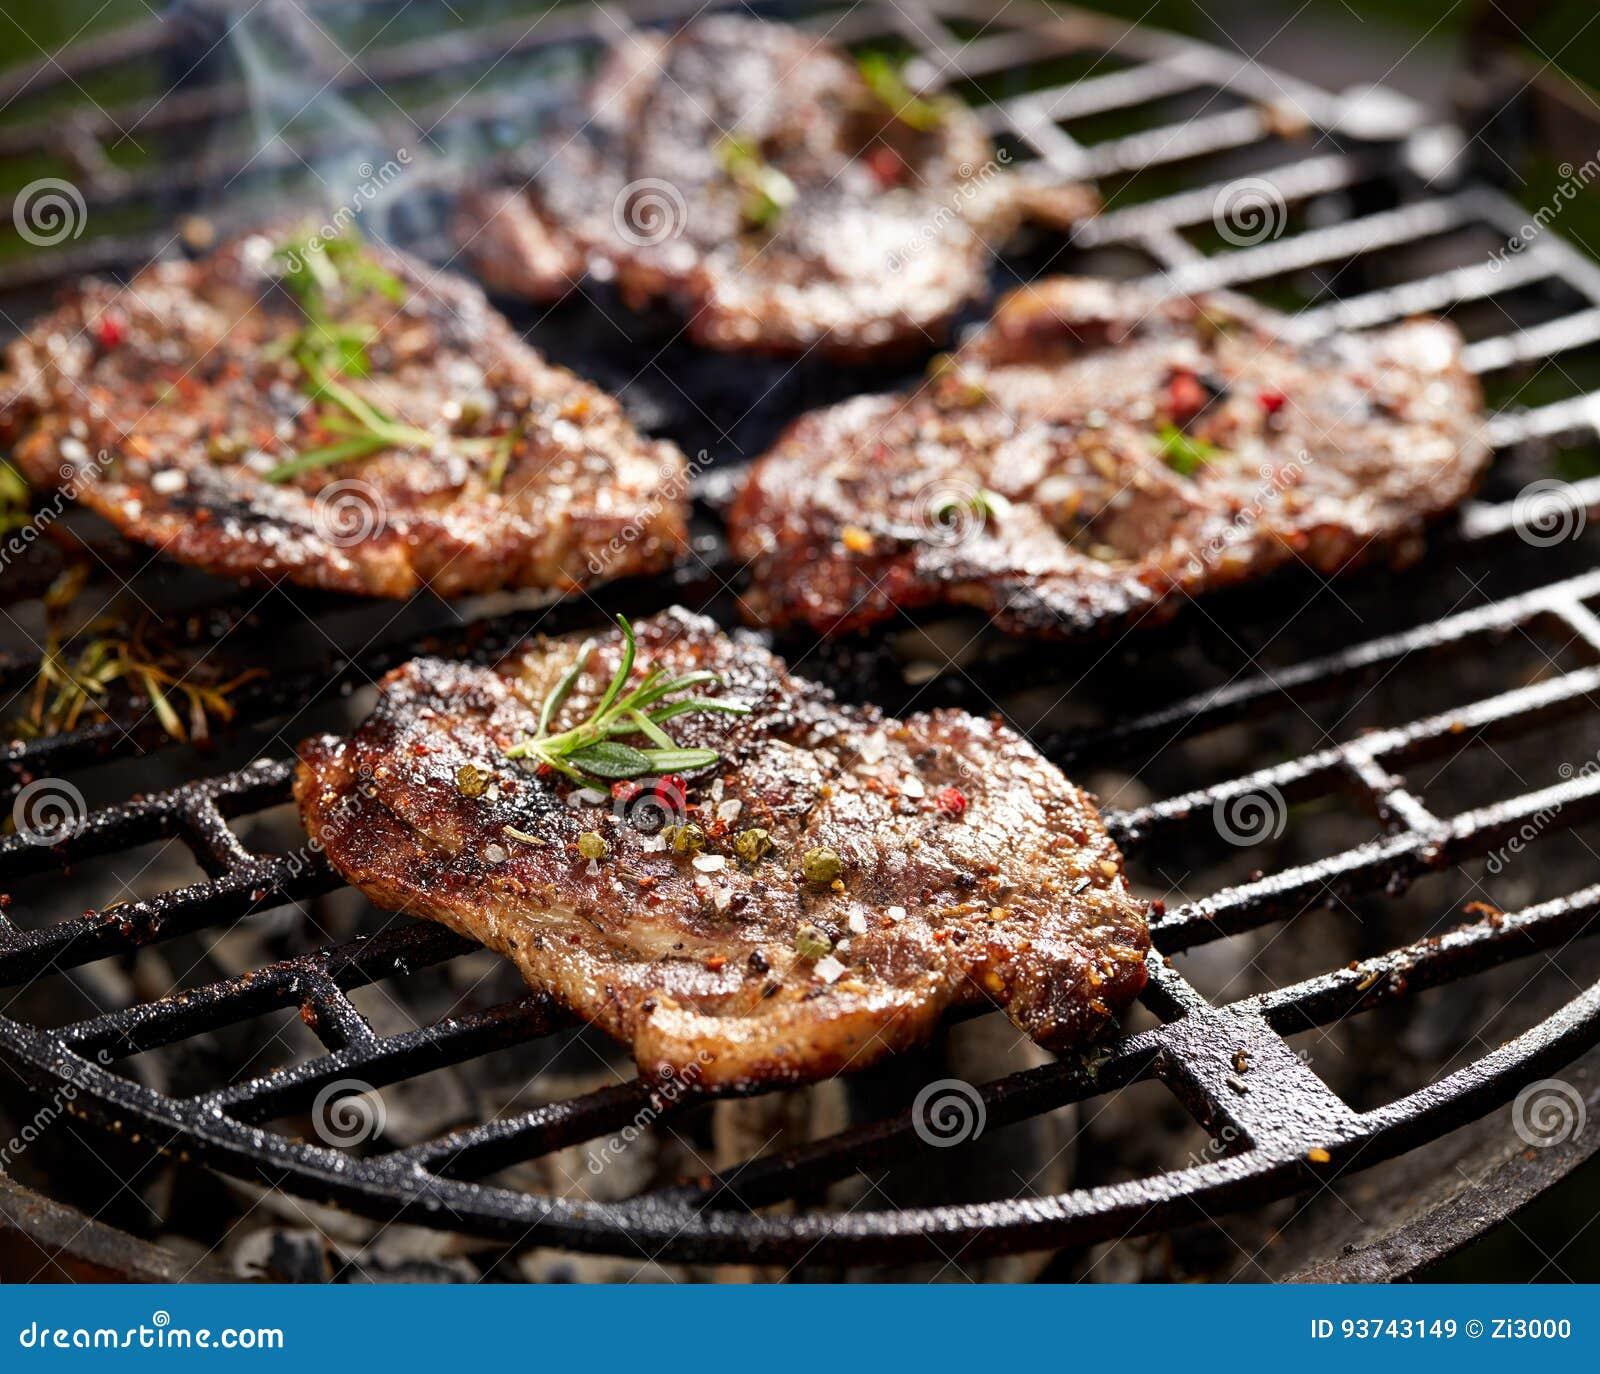 Grilled Pork Neck Steak. Roast Pork While Grilling Stock ...